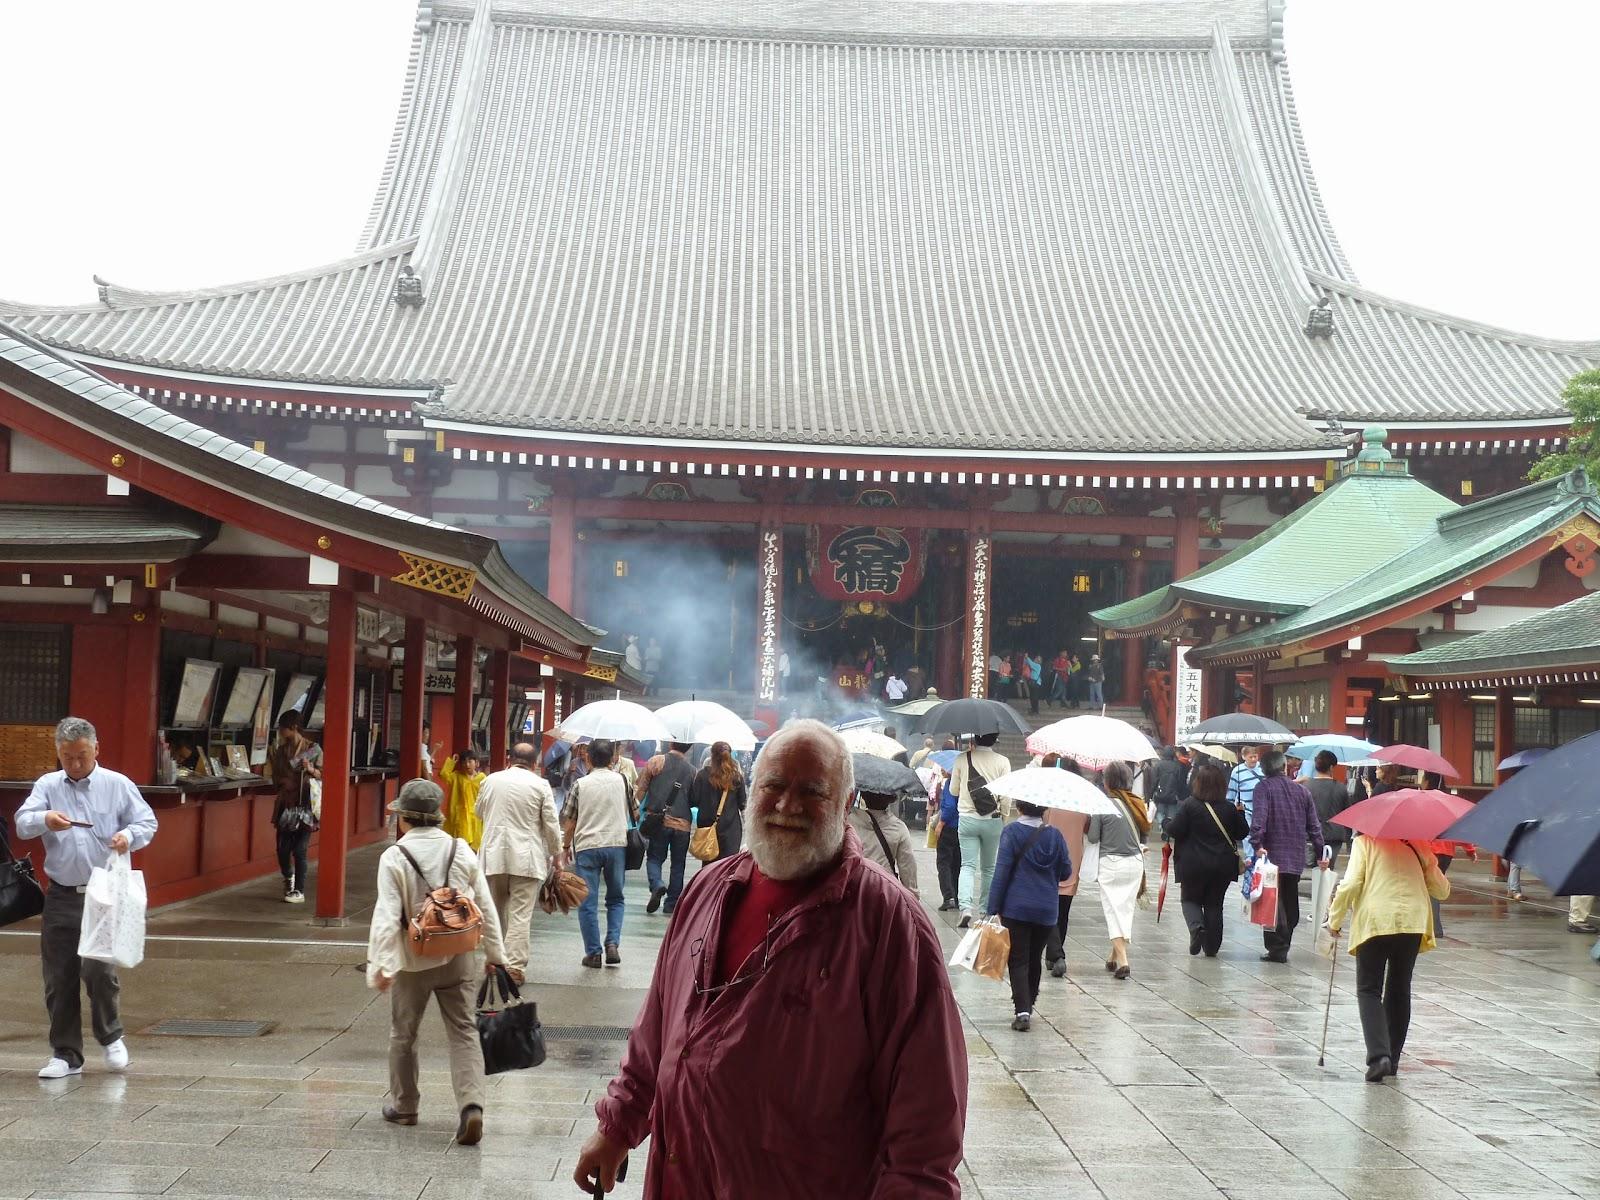 Roberto Ciro Cipolloni in Kyoto, Japan